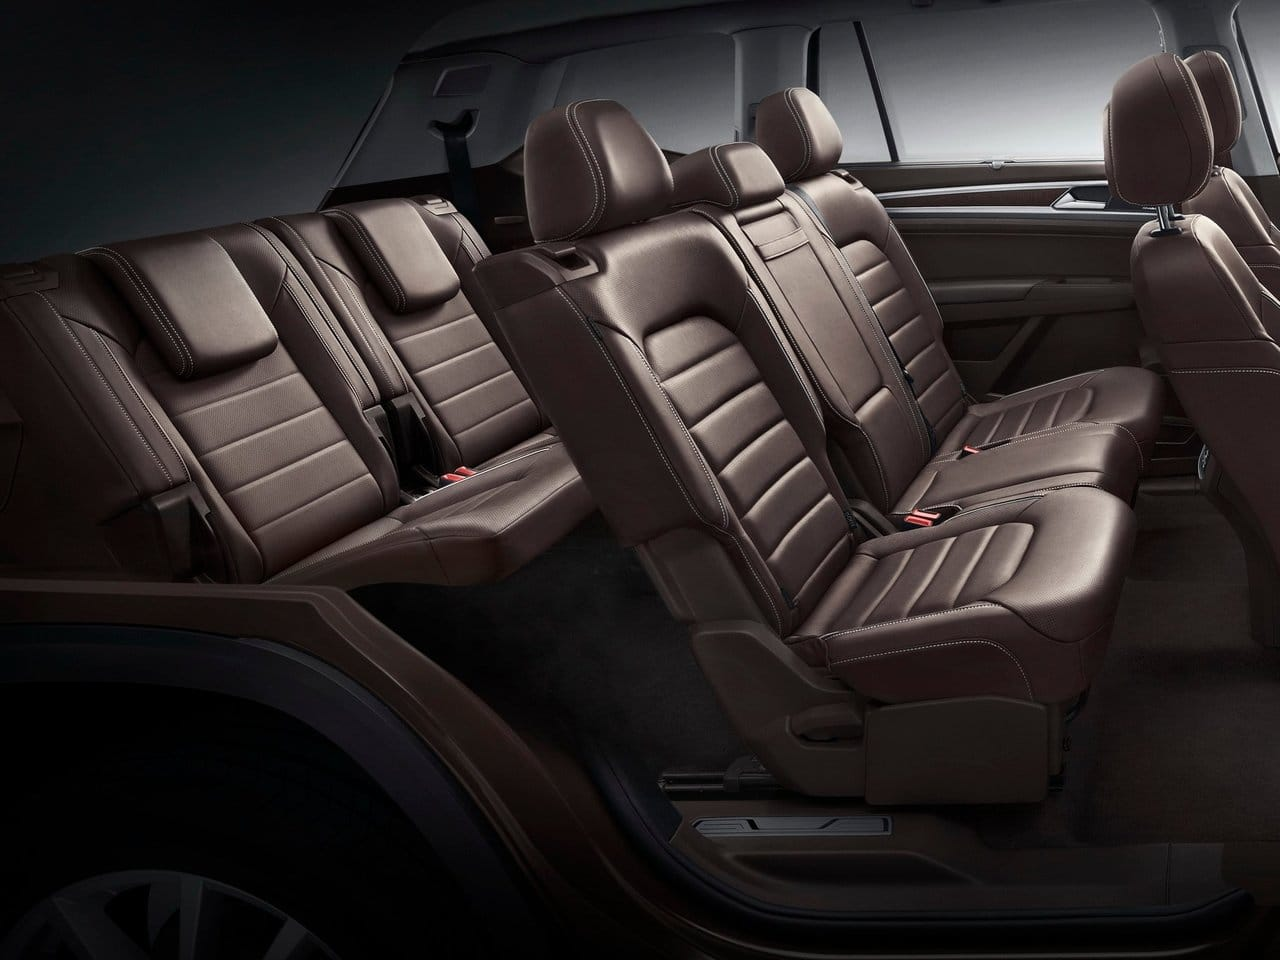 Volkswagen Teramont Interior